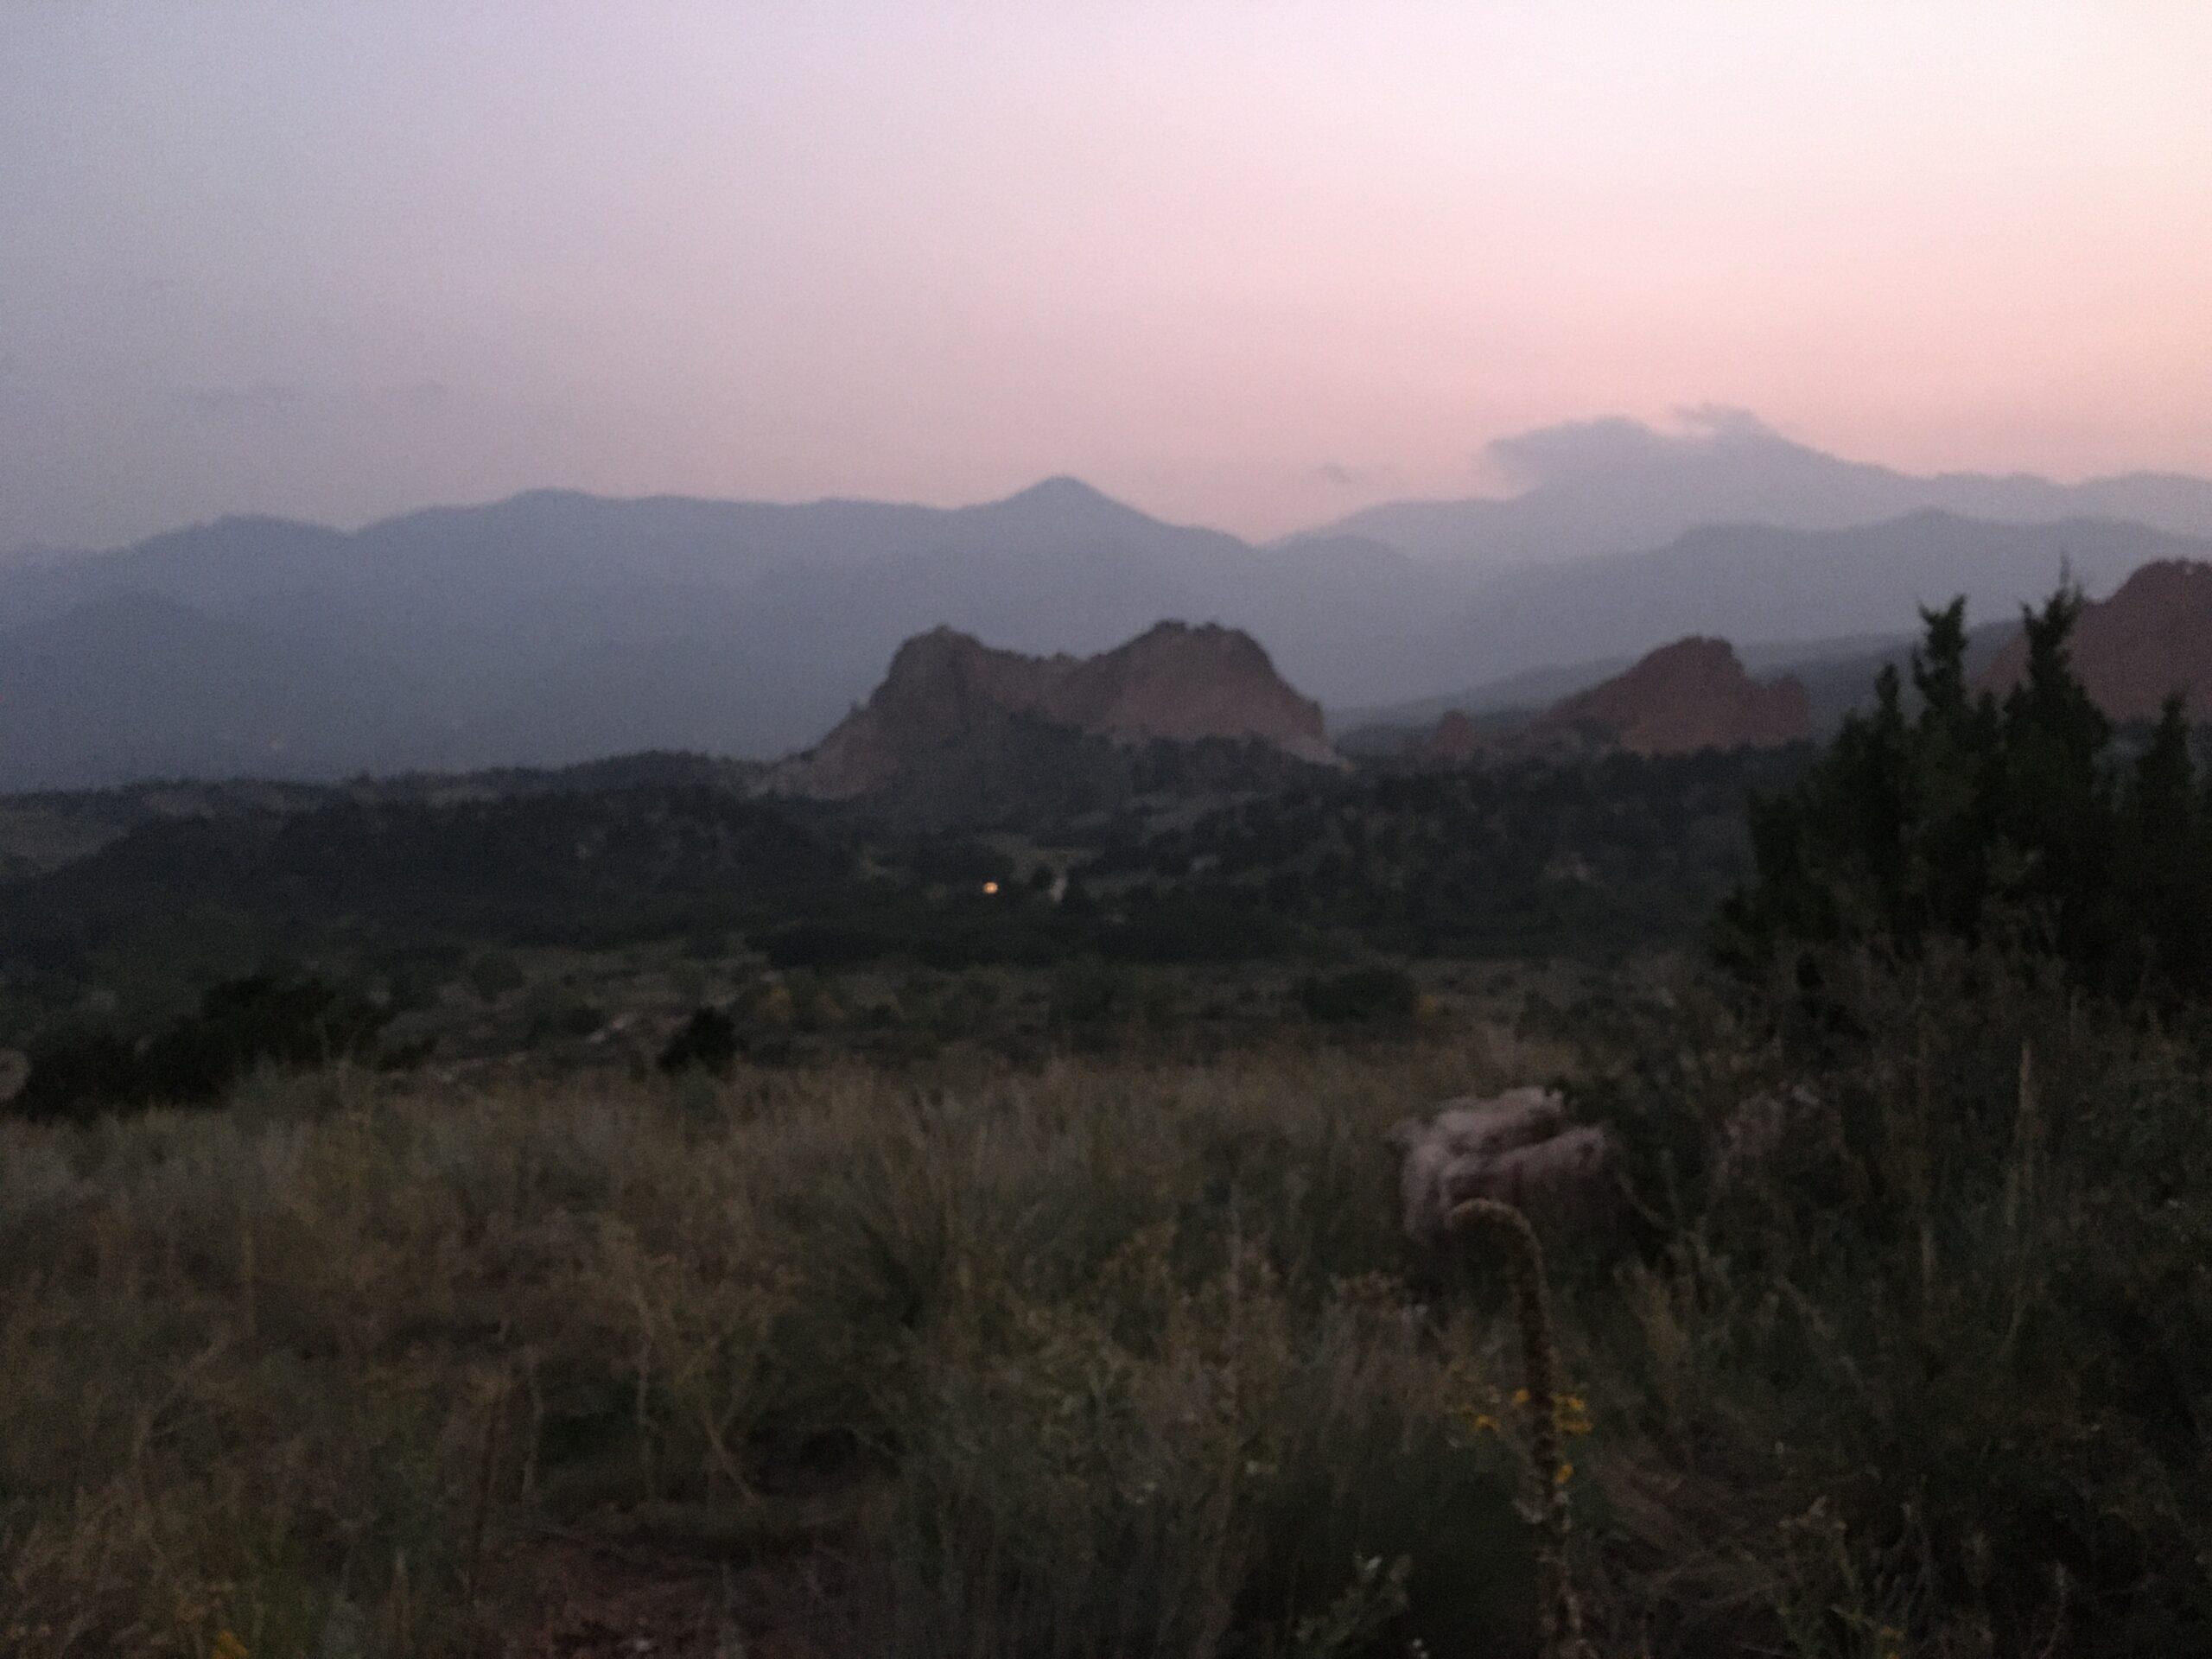 smoky Pikes Peak